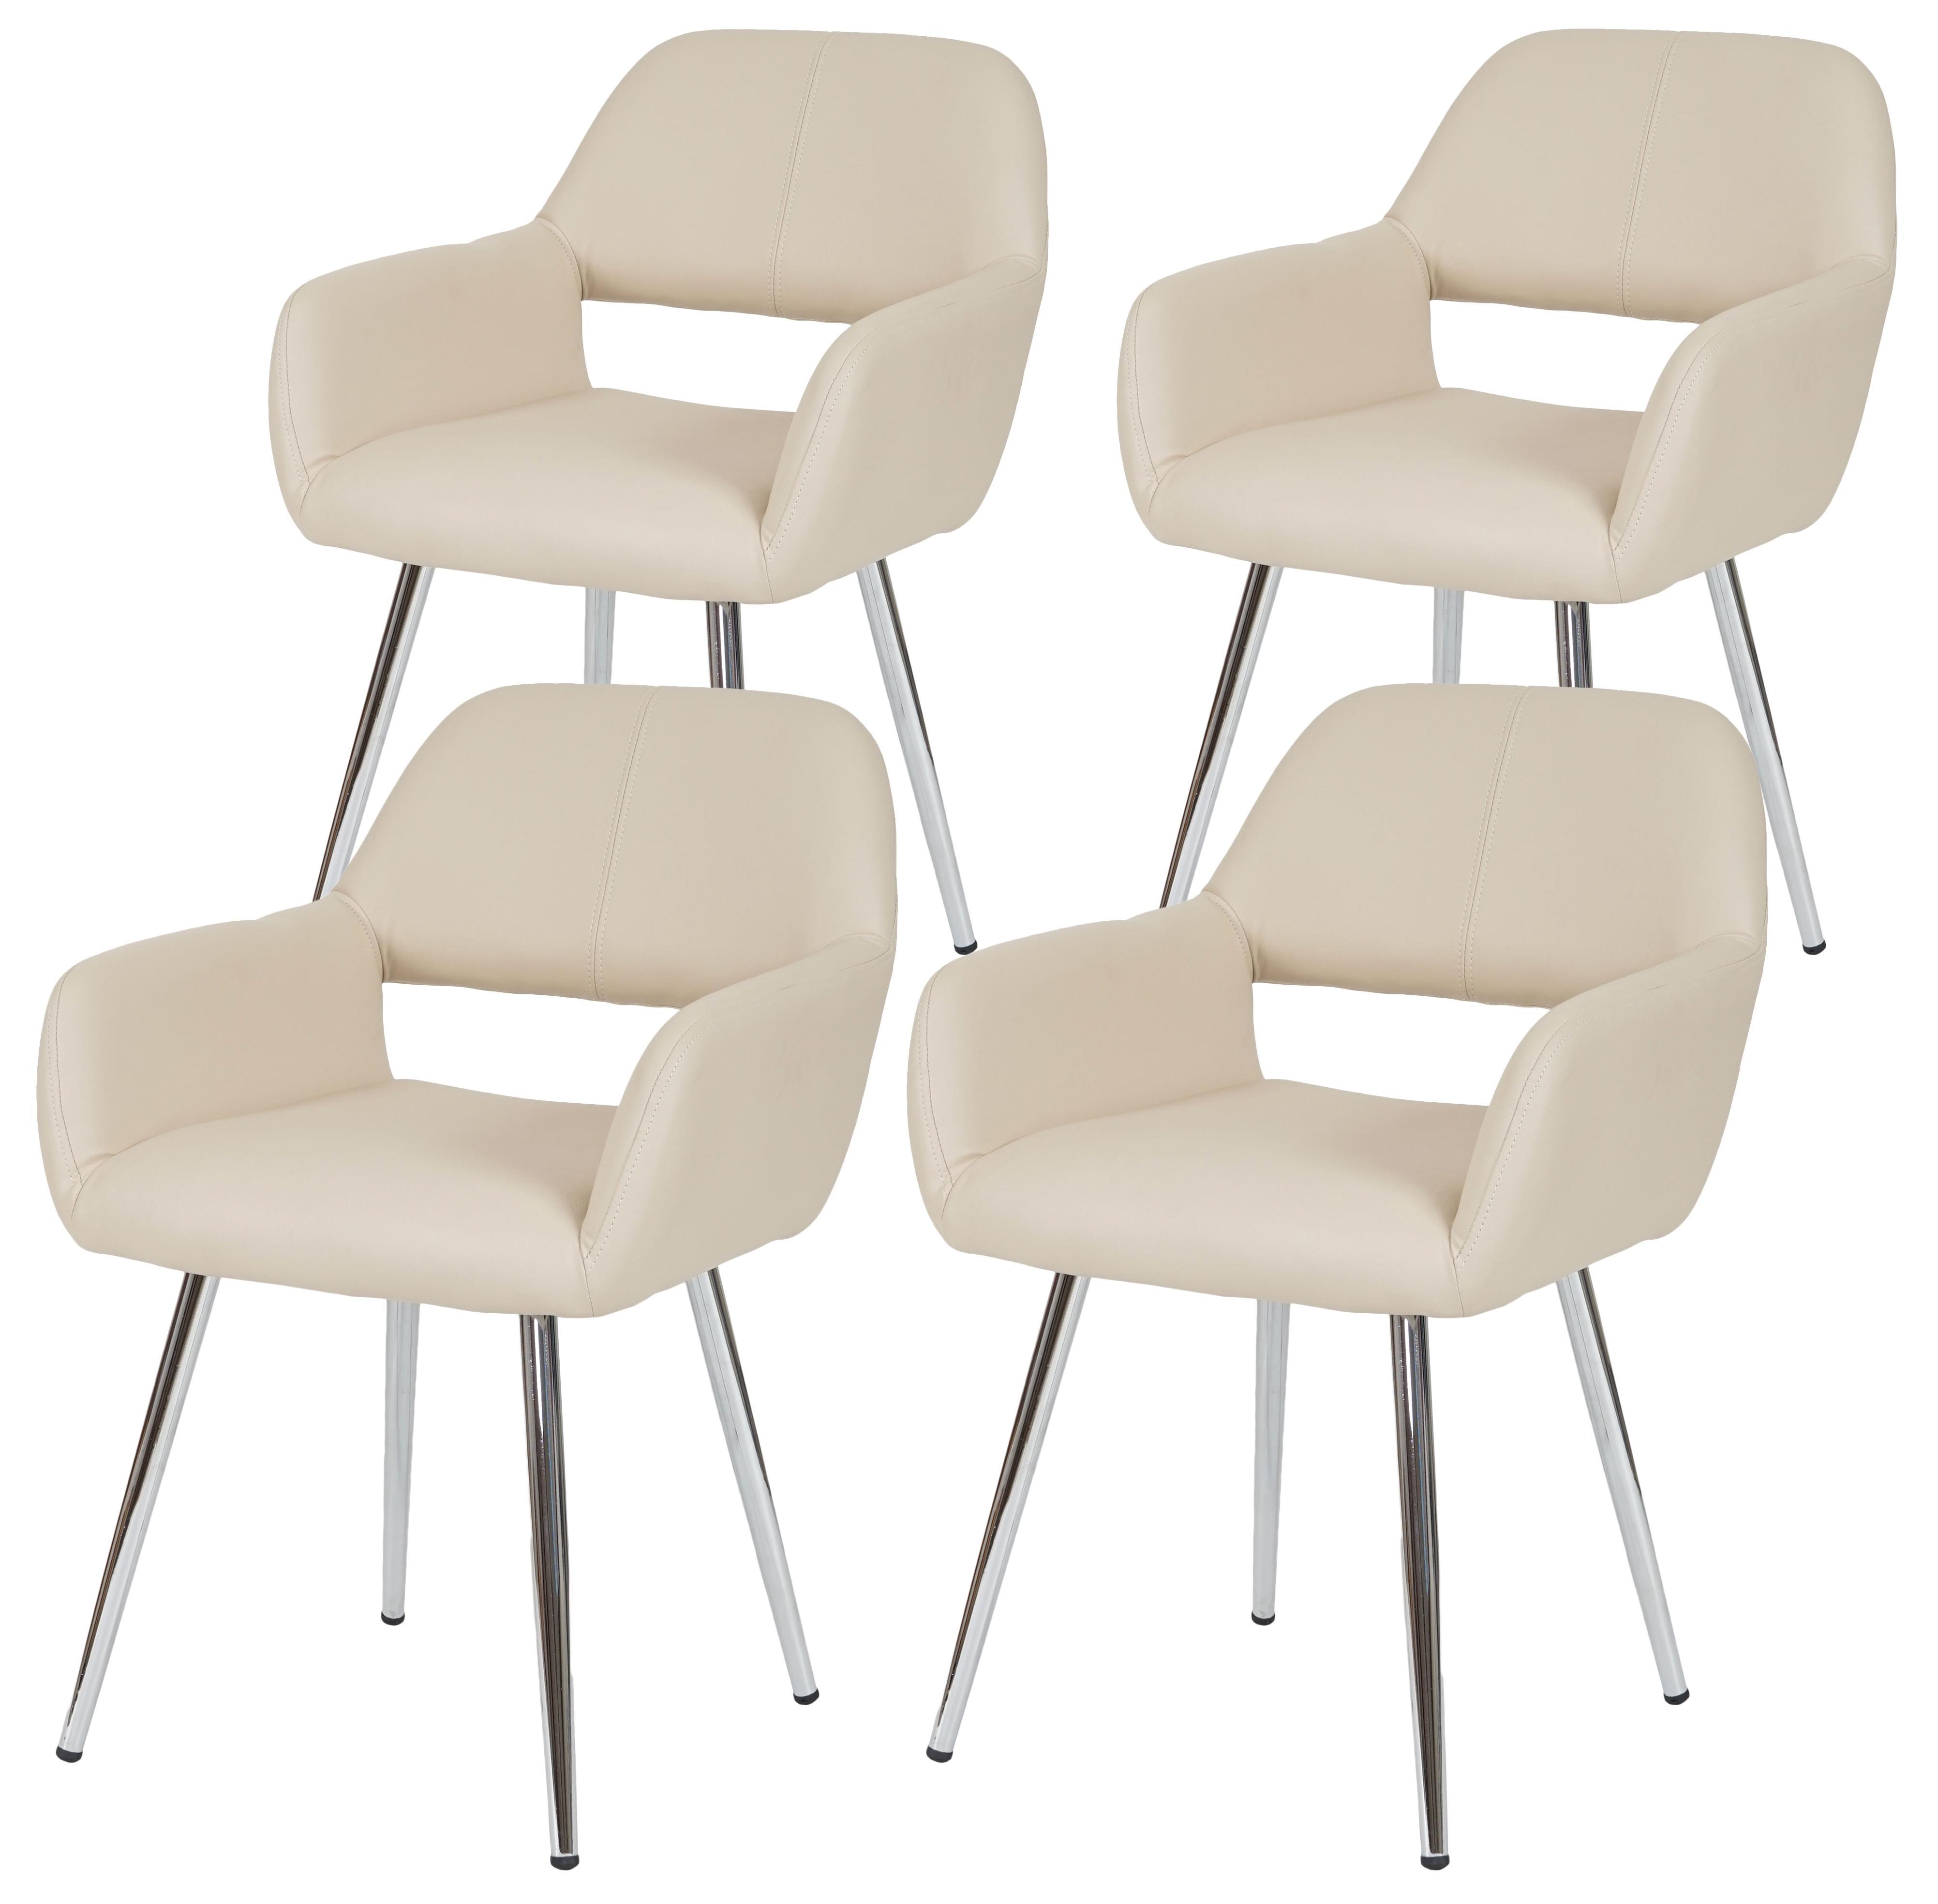 Lote 4 sillas de comedor o cocina calisa gran dise o con for Sillas de cocina comedor